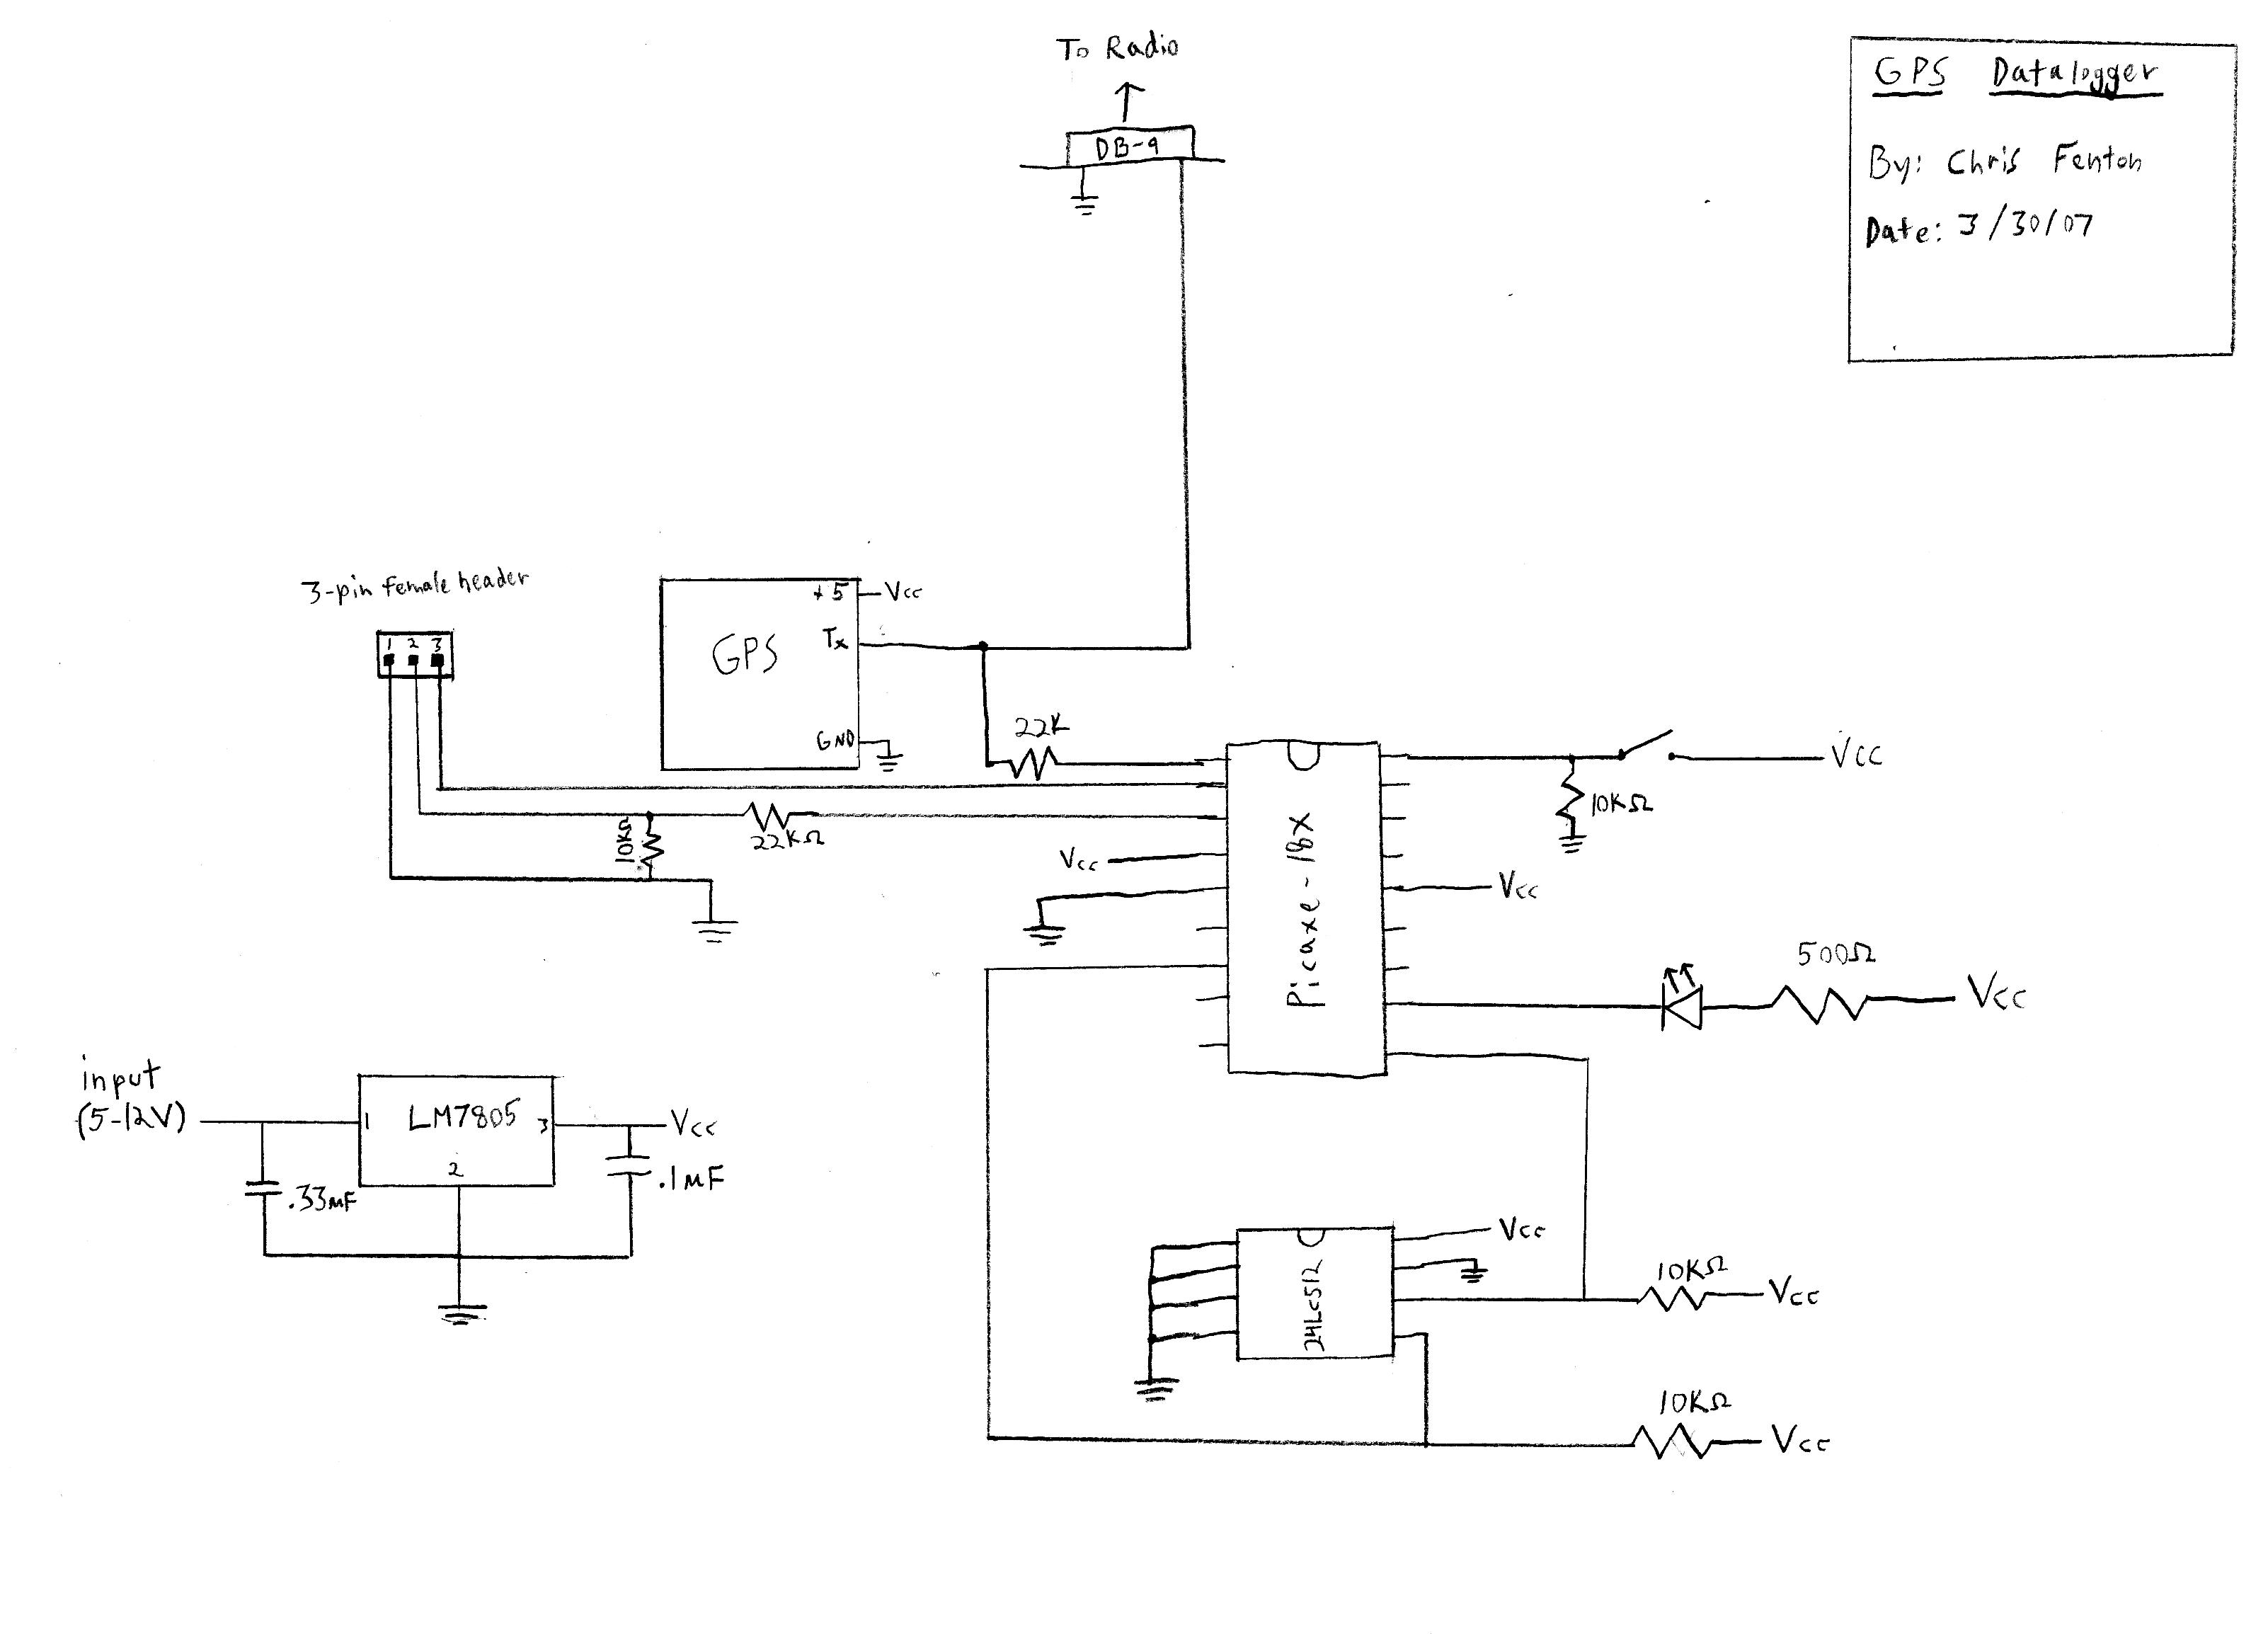 gps altimeter - schematic